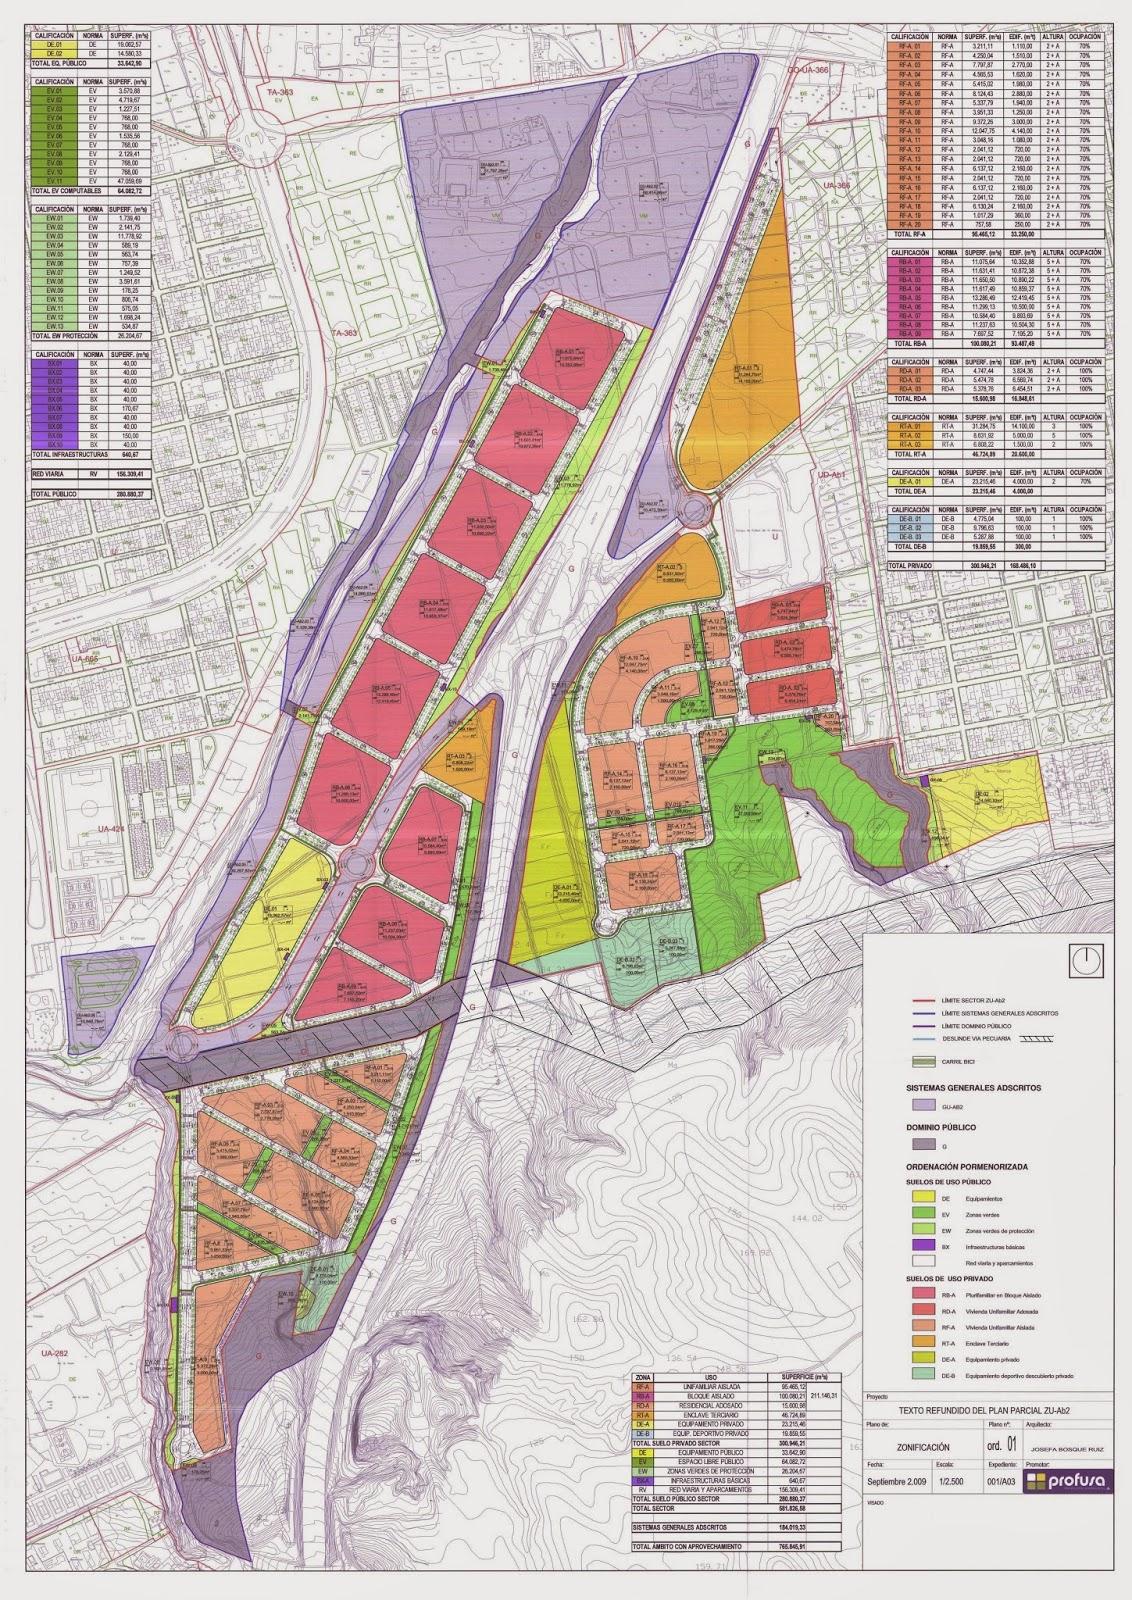 Avla plano de la nueva urbanizaci n de profusa entre la for Plano alberca